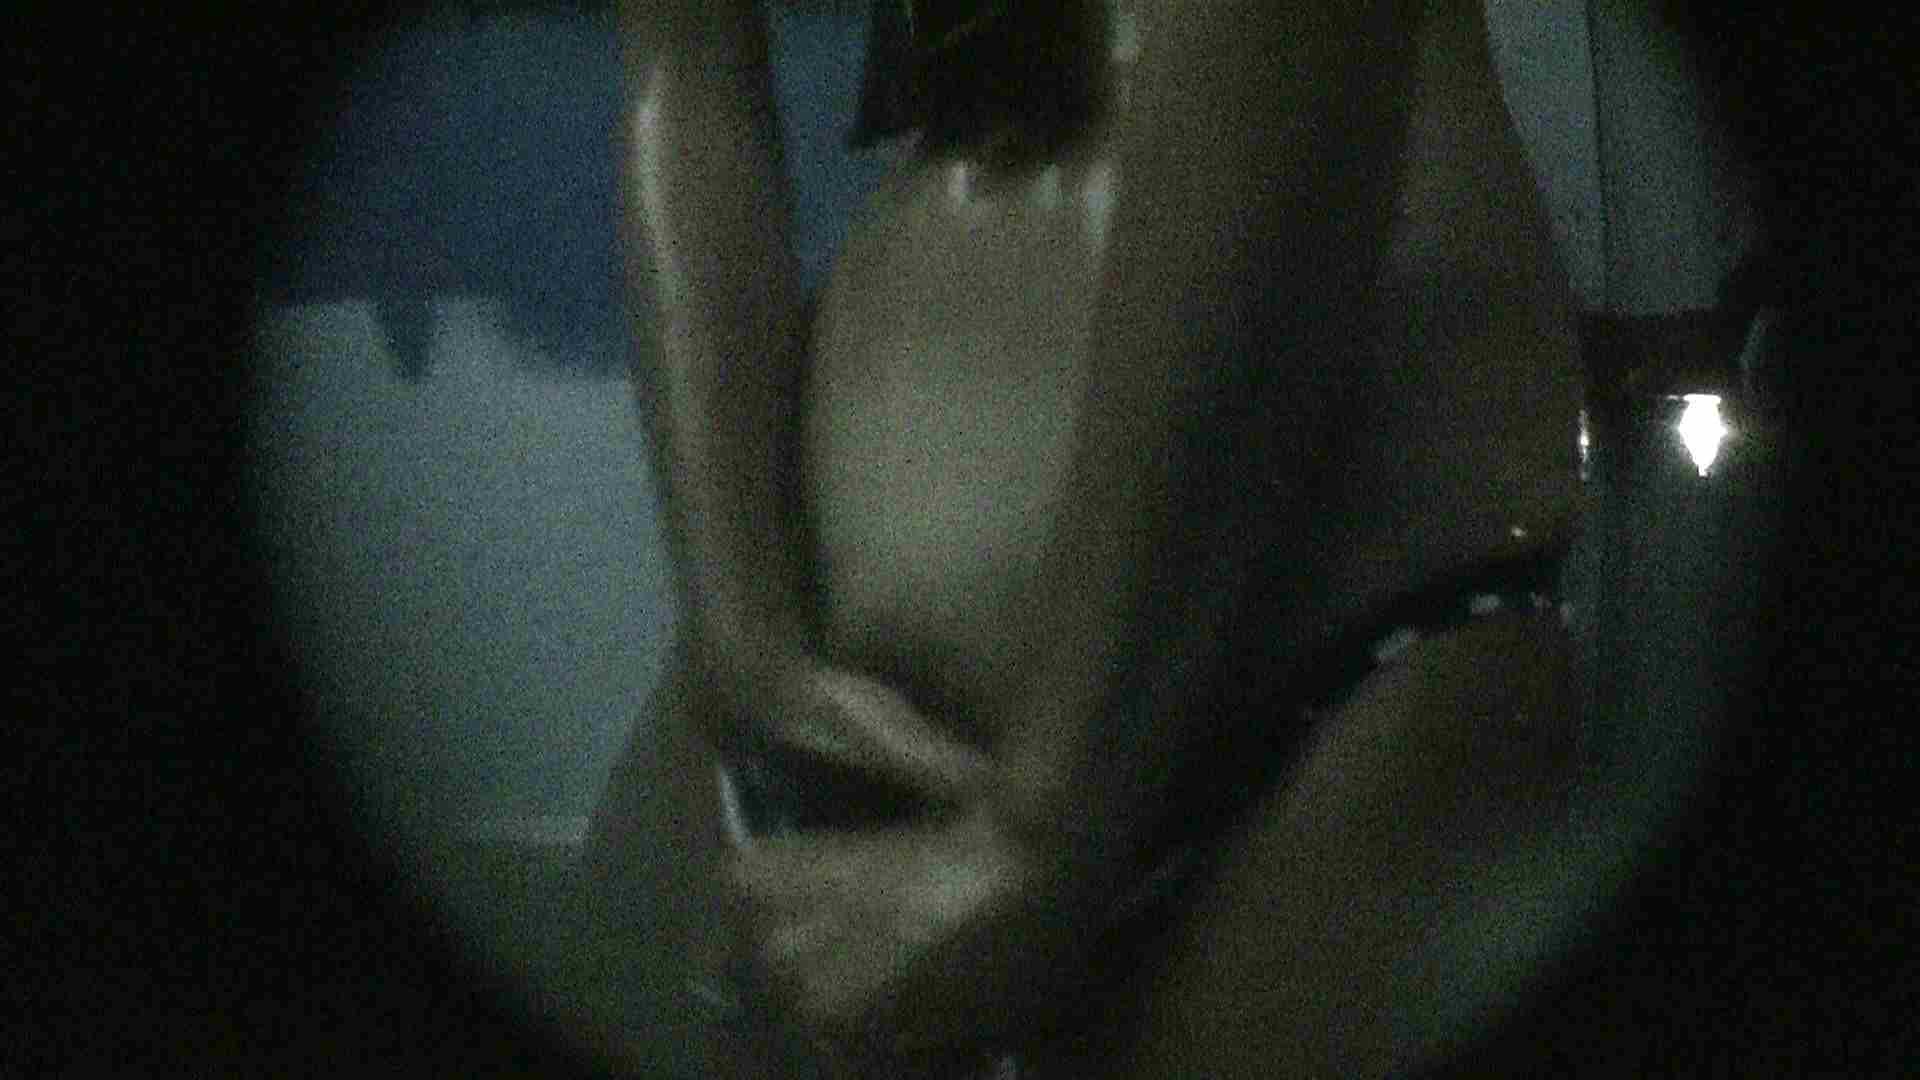 NO.13 暗いですが豪快な砂落としが好印象 シャワー室  89pic 13